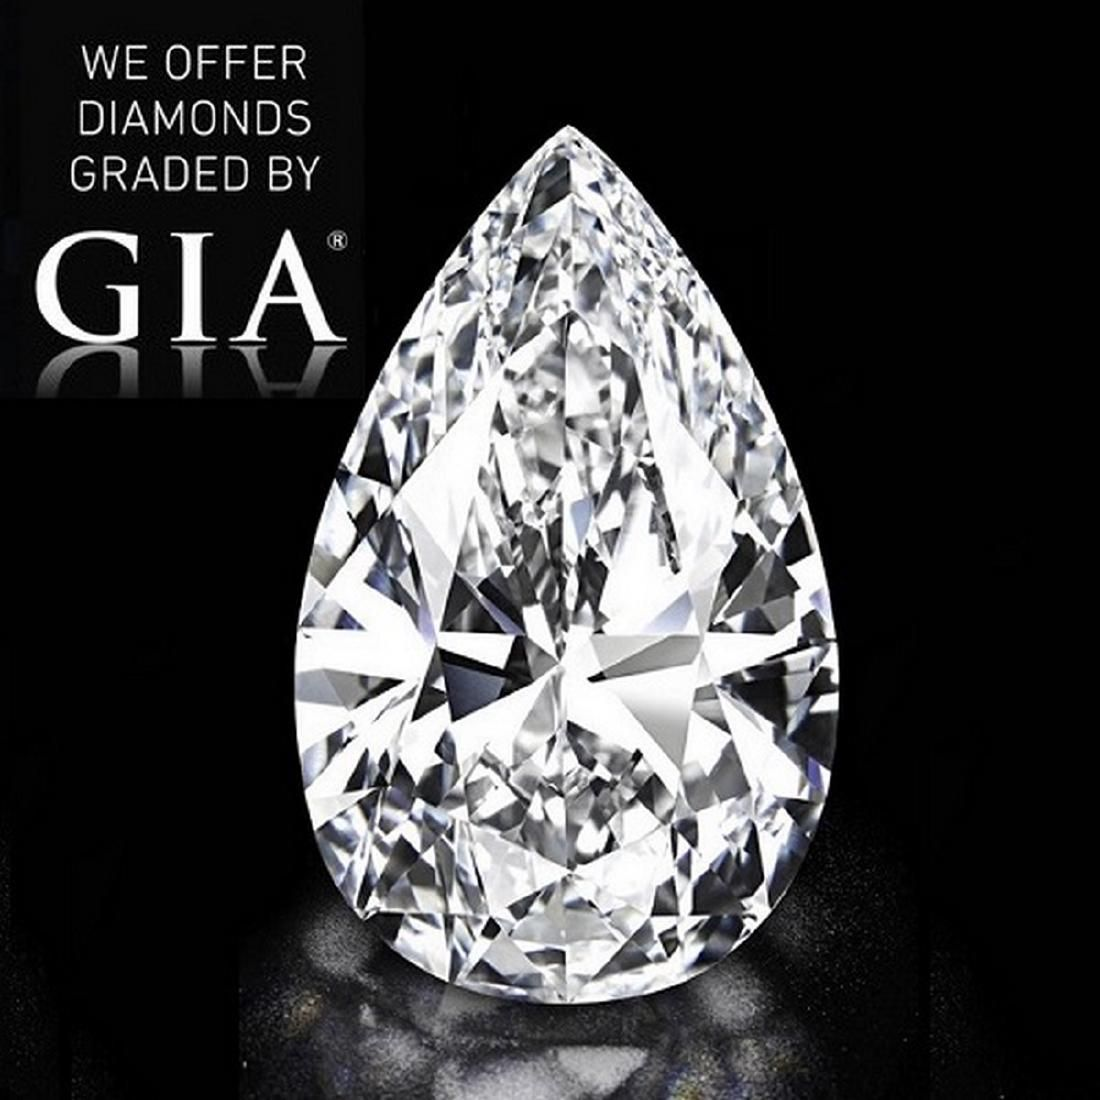 5.01 ct, Color F/VS2, Pear cut Diamond